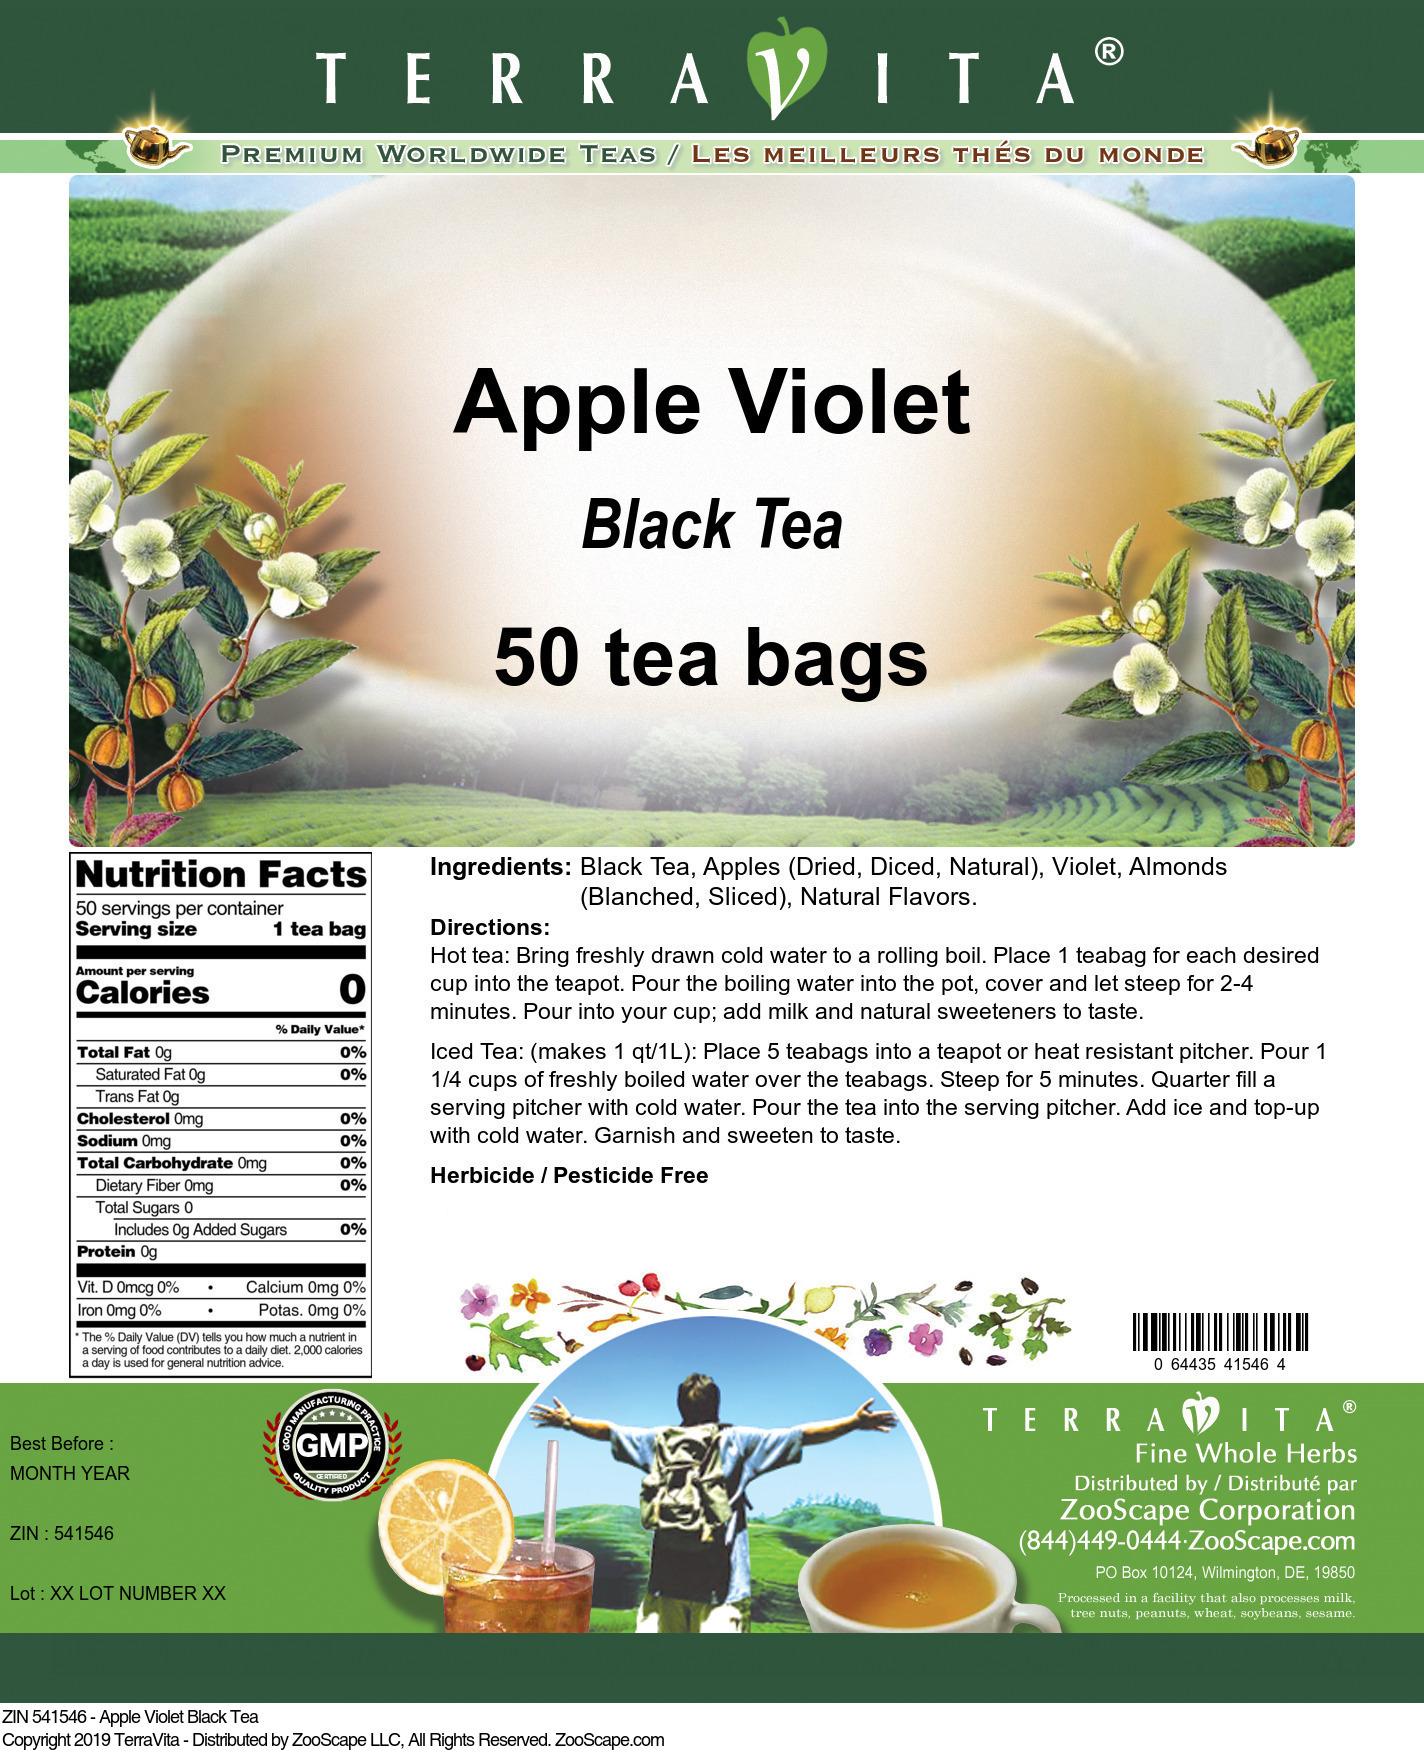 Apple Violet Black Tea